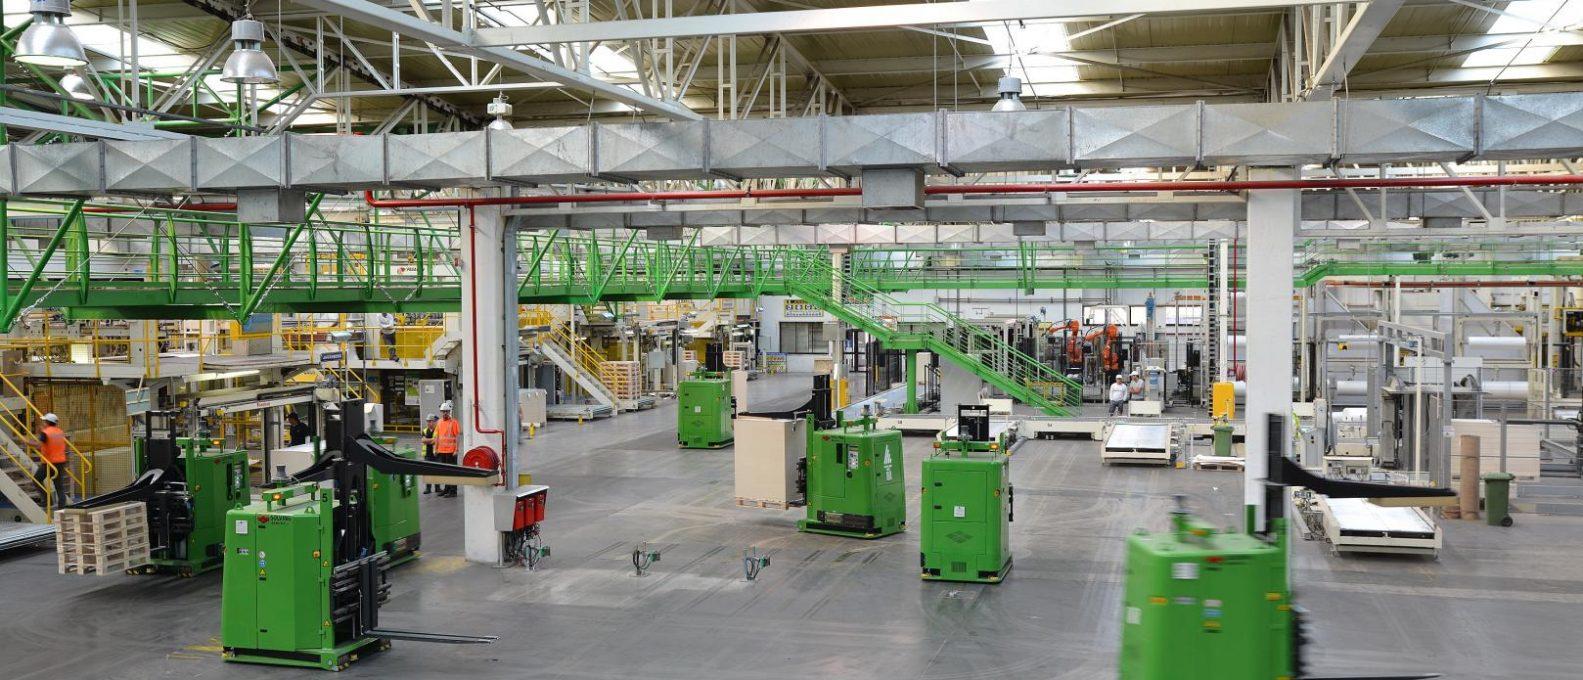 solving-italia-tecnologia-a-cuscino-d-aria-soluzioni-innovative-AGV-movimentazione-automatica-carichi-pesanti-ingombranti-voluminosi-per-industria-cartaria-grafica-Automated-paper-handling-air-cushion-Solving-Mover-impianti-di-automazione-per-processi-industriali-sollevamento-e-movimentazione-sicura-pulita-flessibile-precisa-programmata-sincronizzata-continuata-e-ripetitiva-cartulinas-CMPC